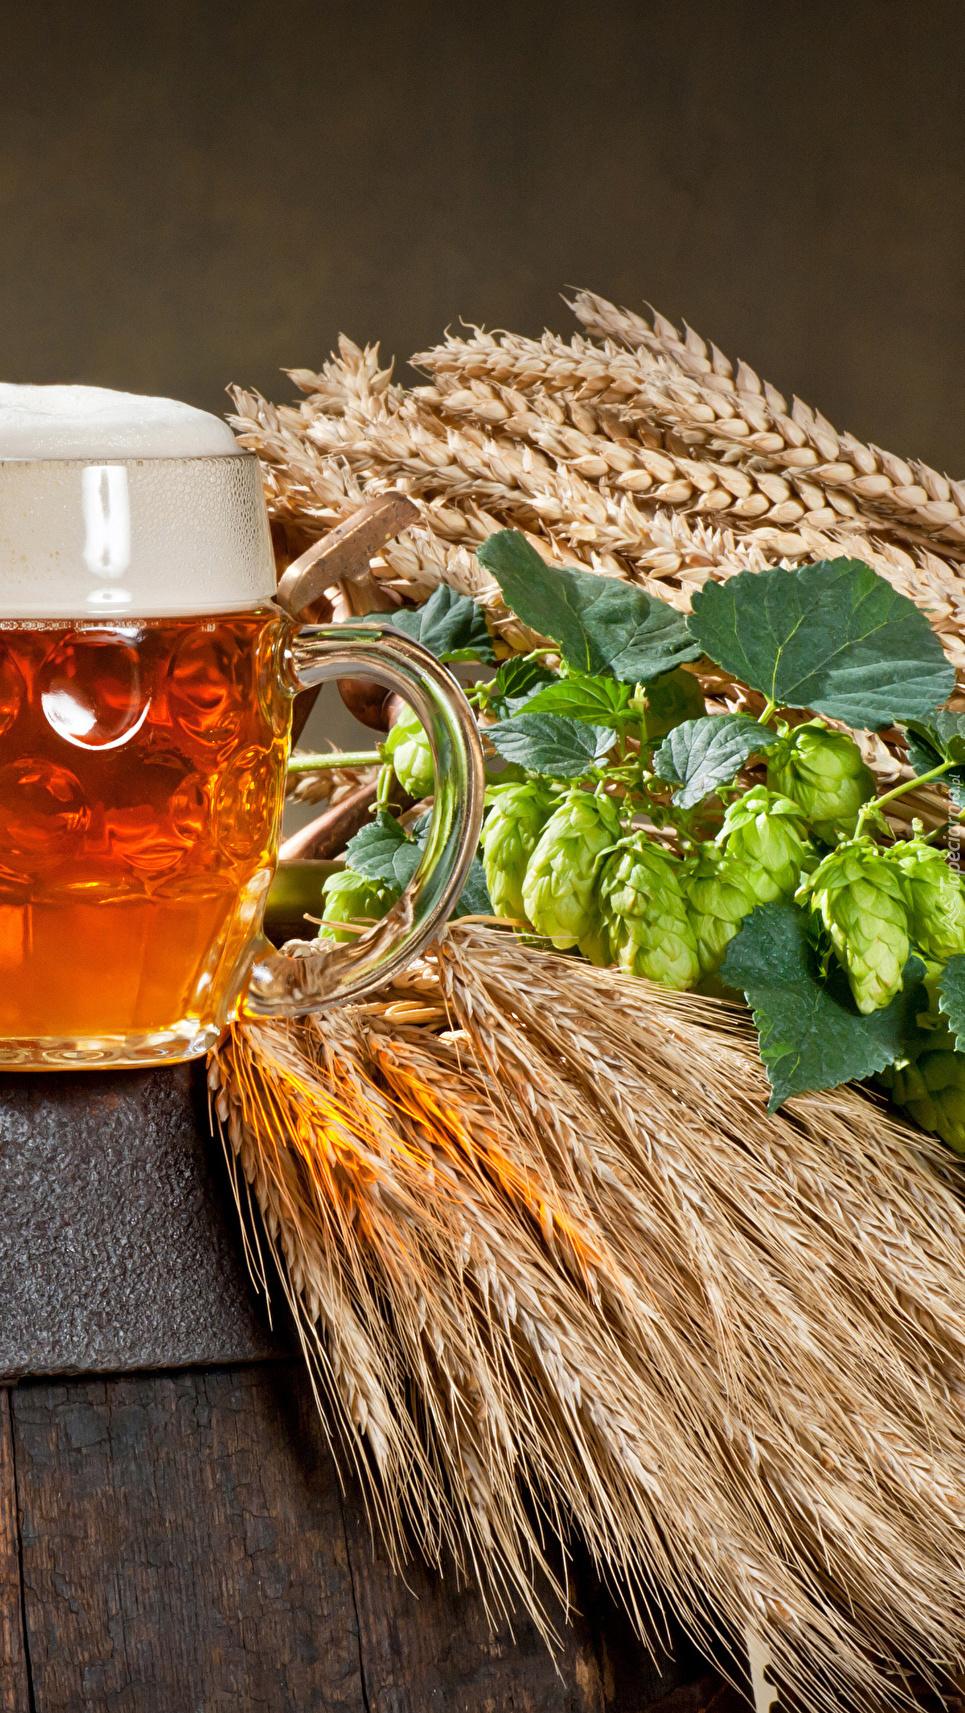 Zboże i chmiel obok kufla piwa